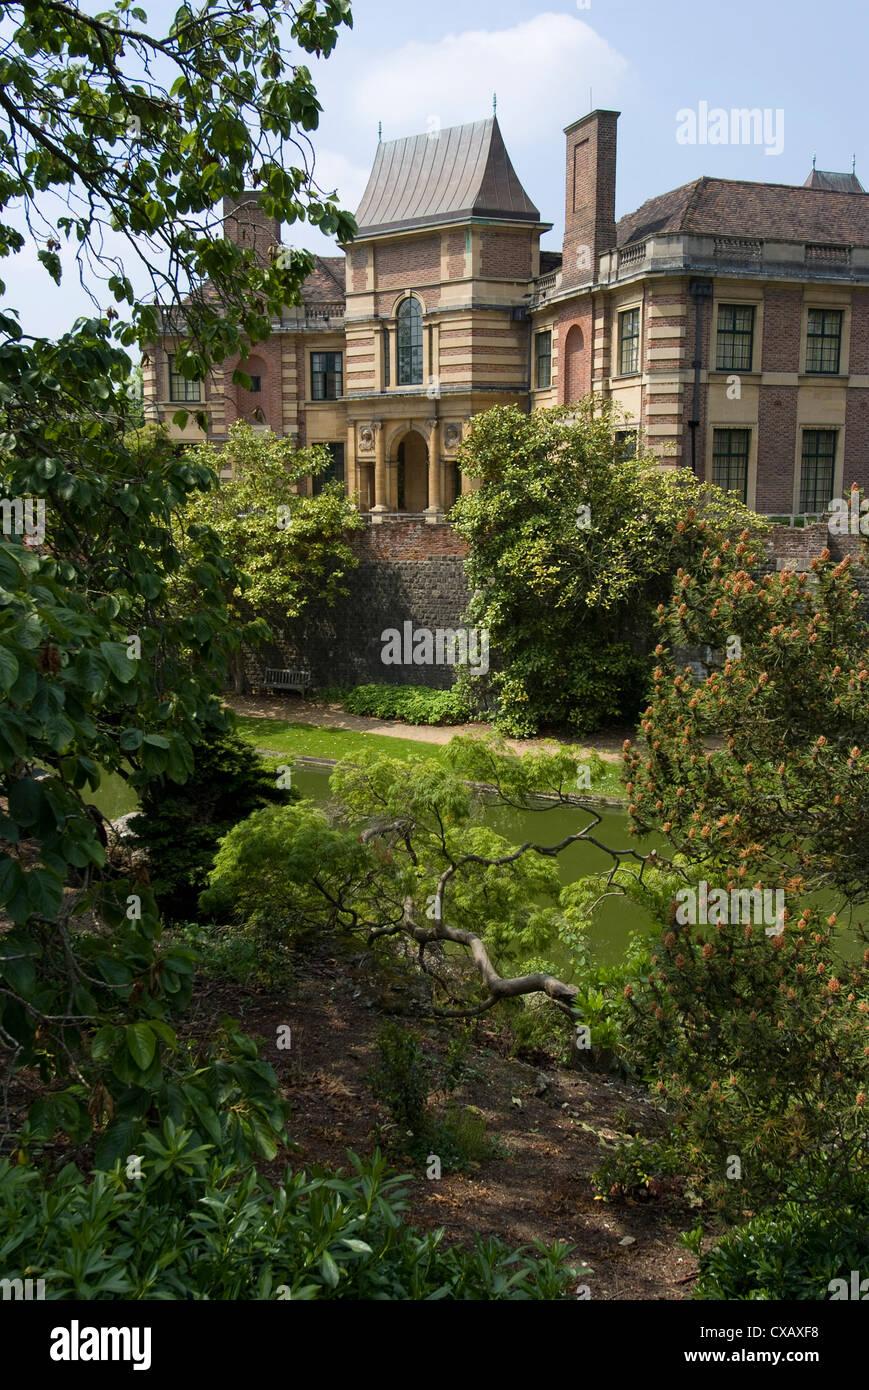 Grounds of Eltham Palace, Eltham, London, England, United Kingdom, Europe - Stock Image